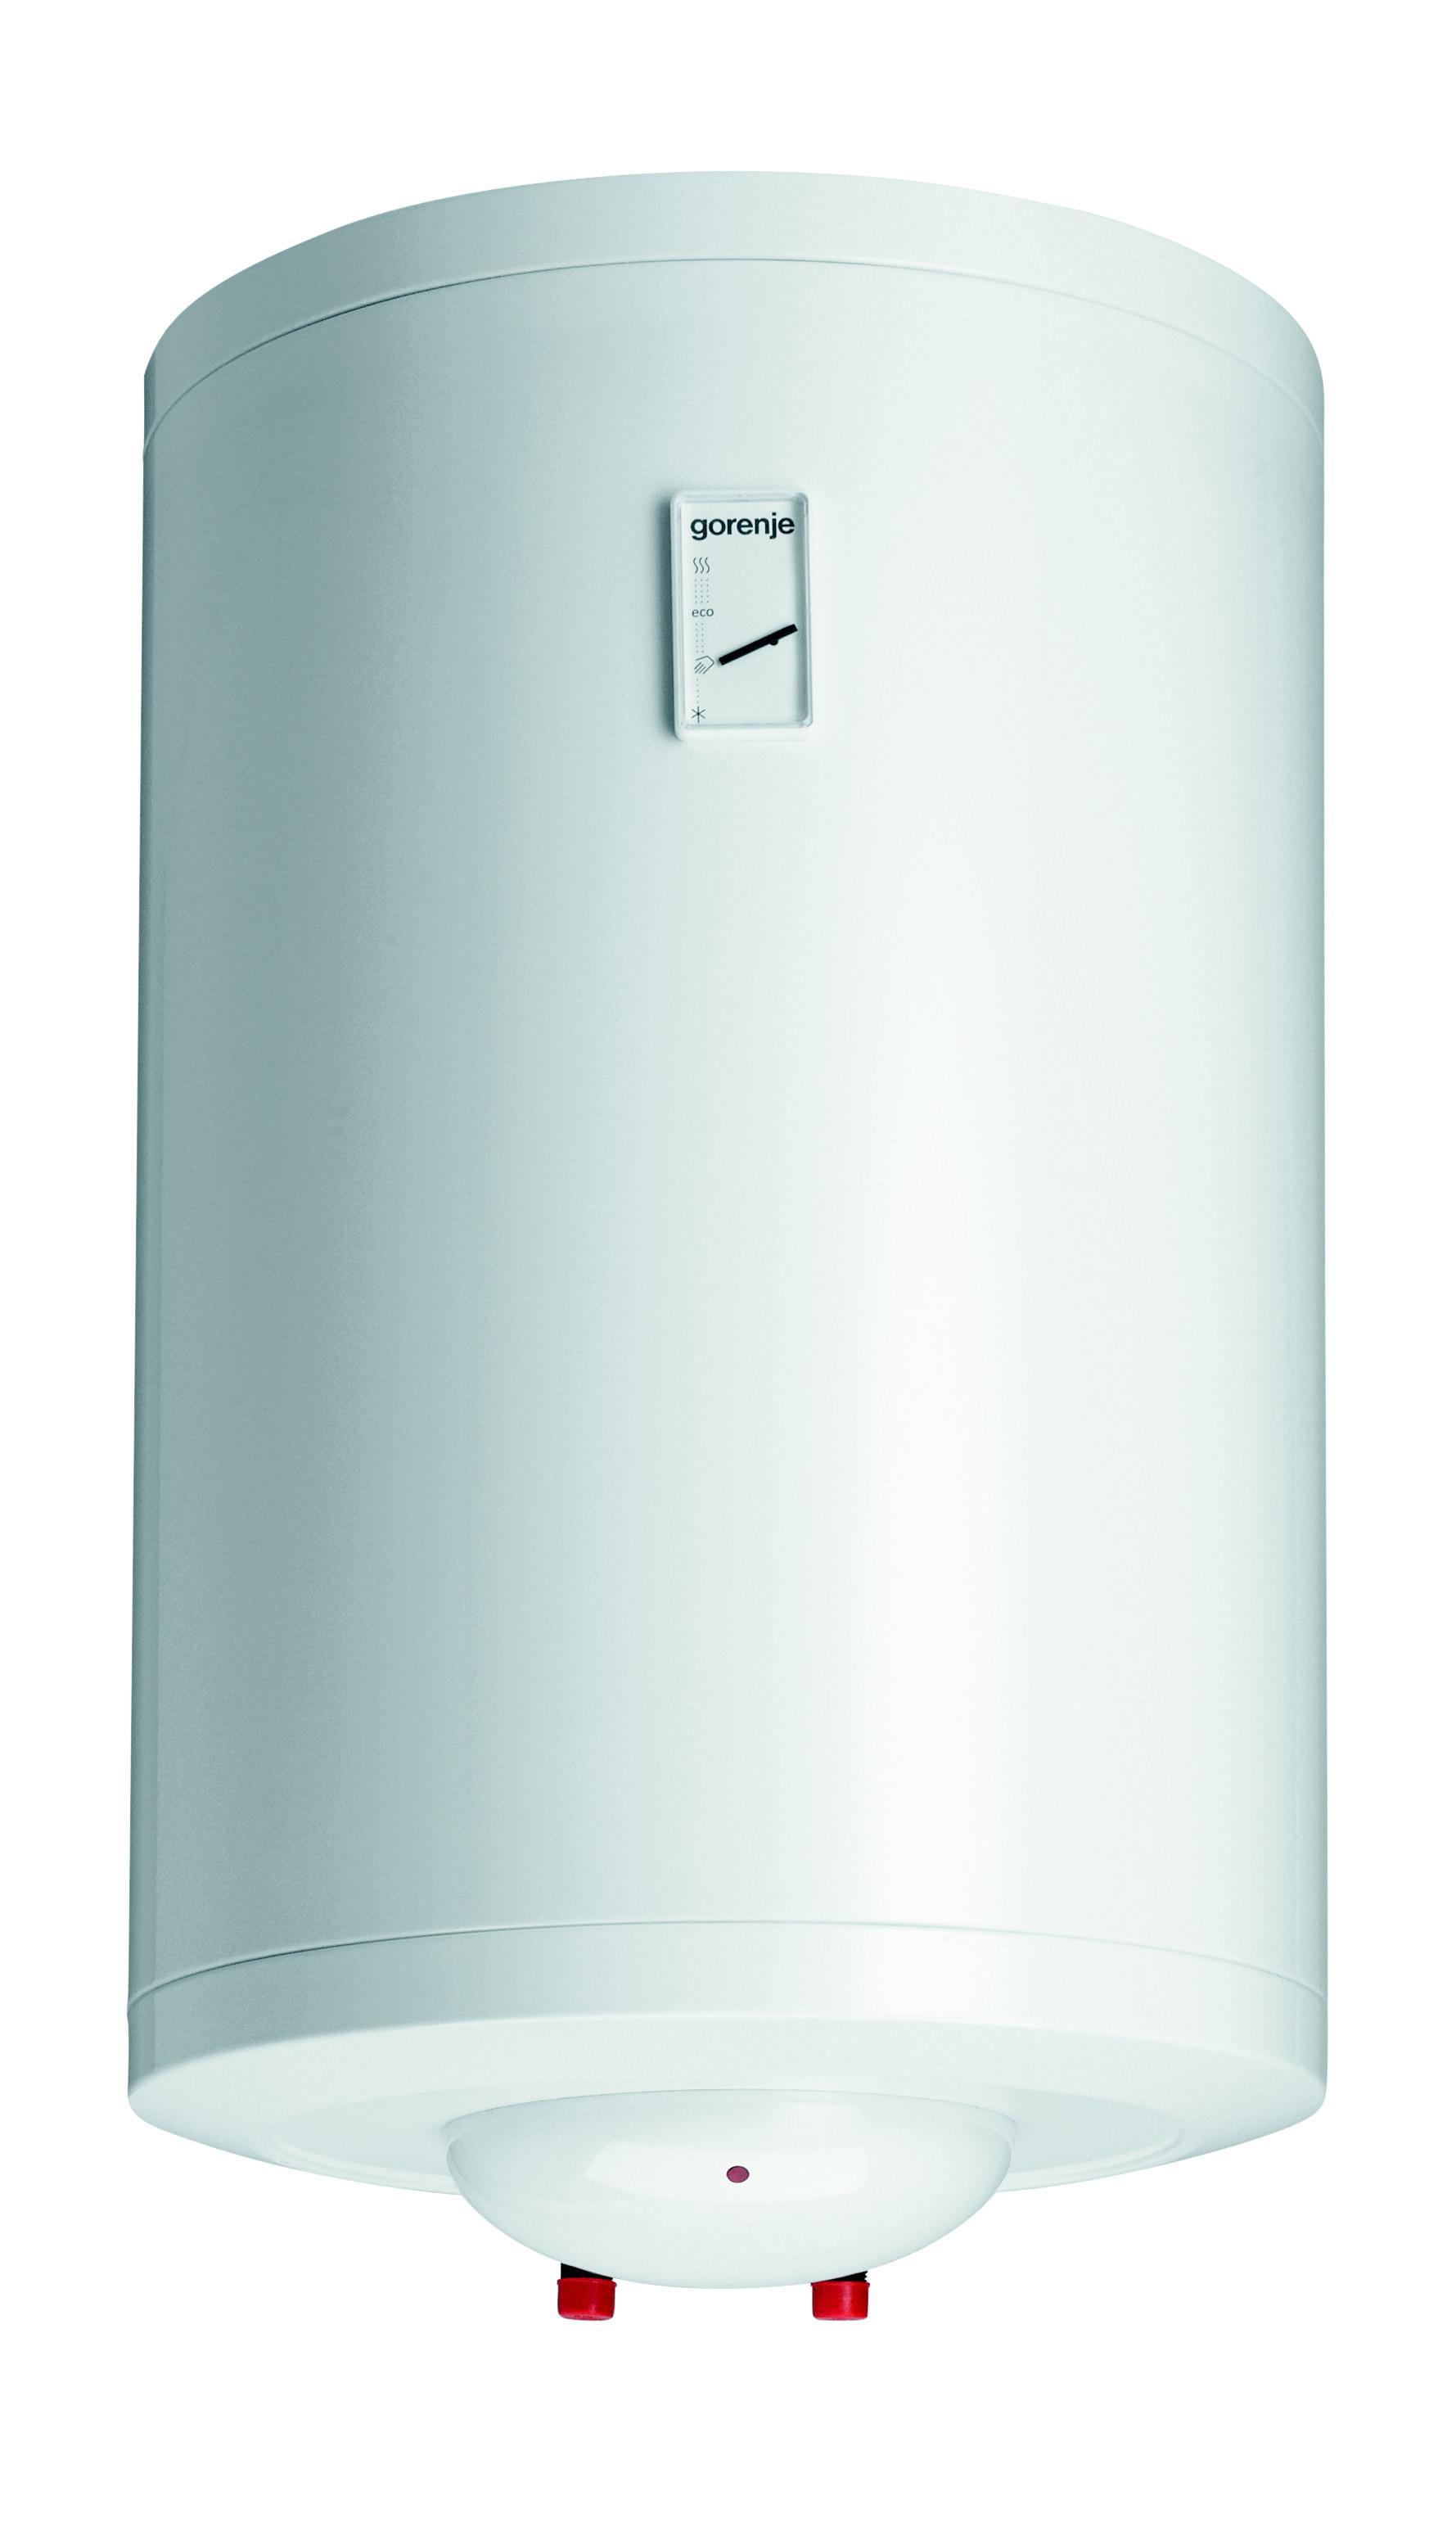 Электрический водонагреватель Gorenje Tg30ngb6